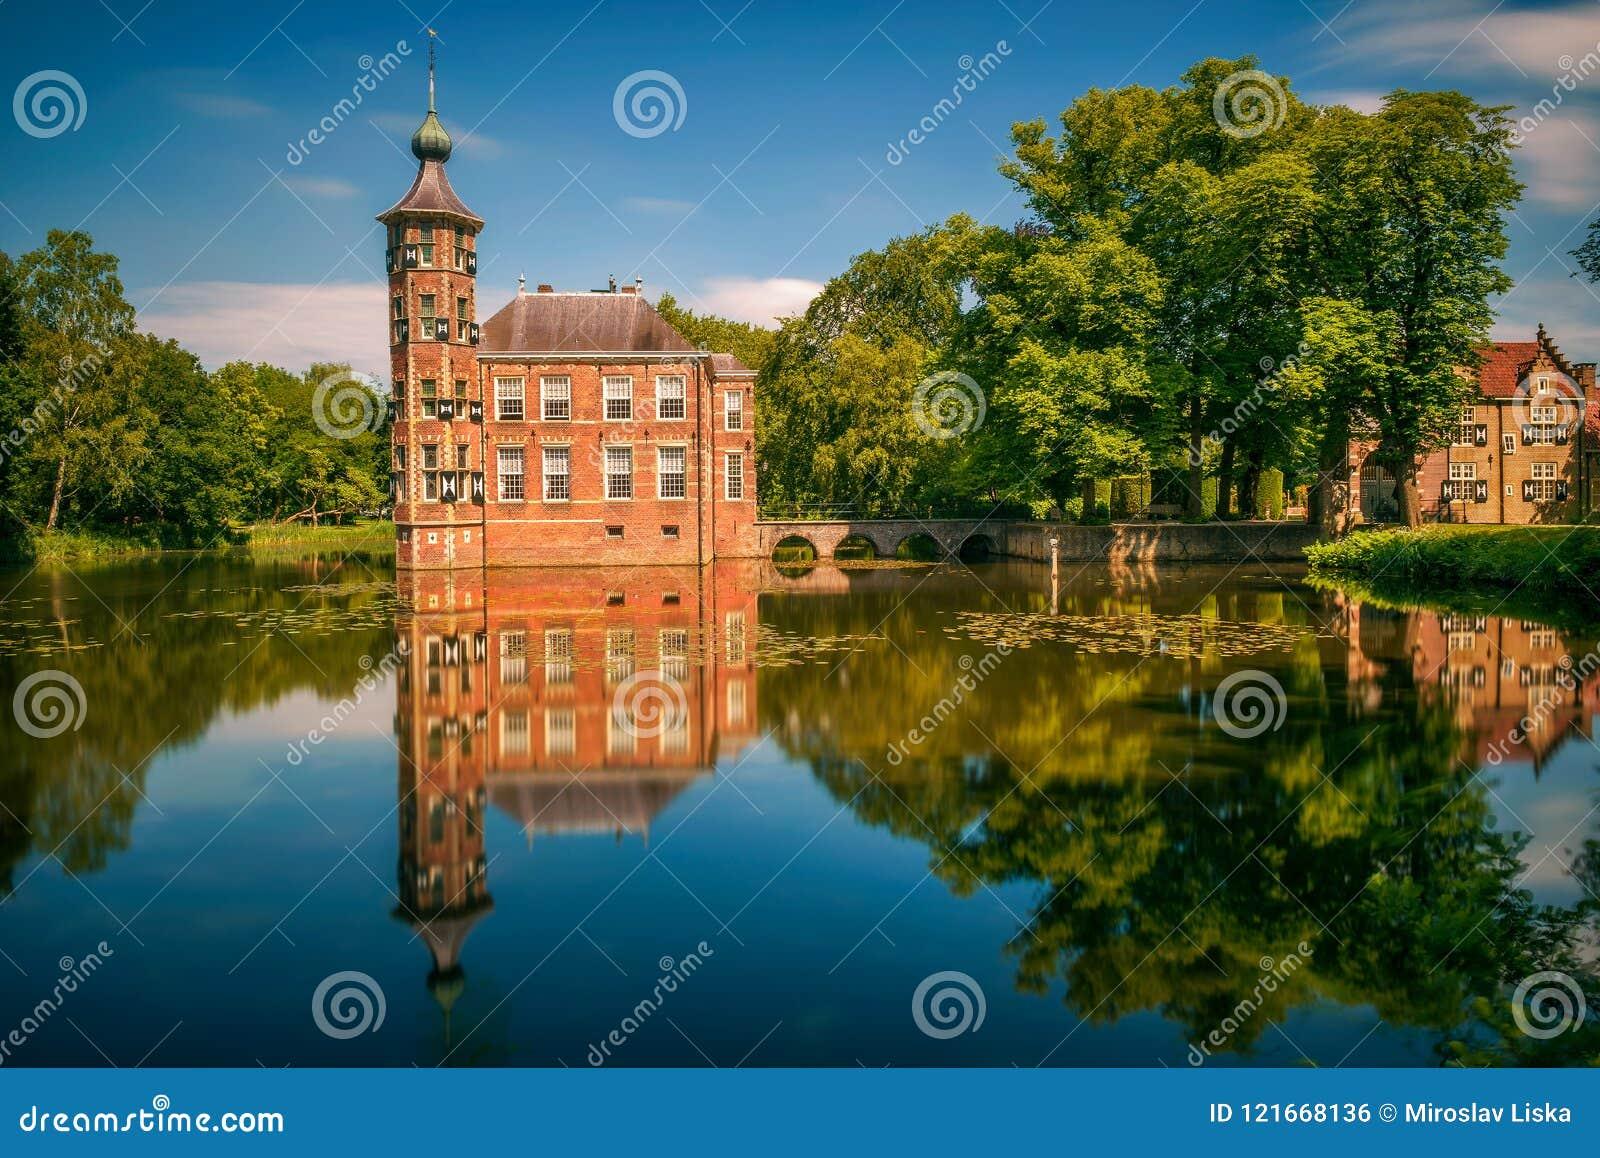 Slotten Bouvigne och omge parkerar i Breda, Nederländerna